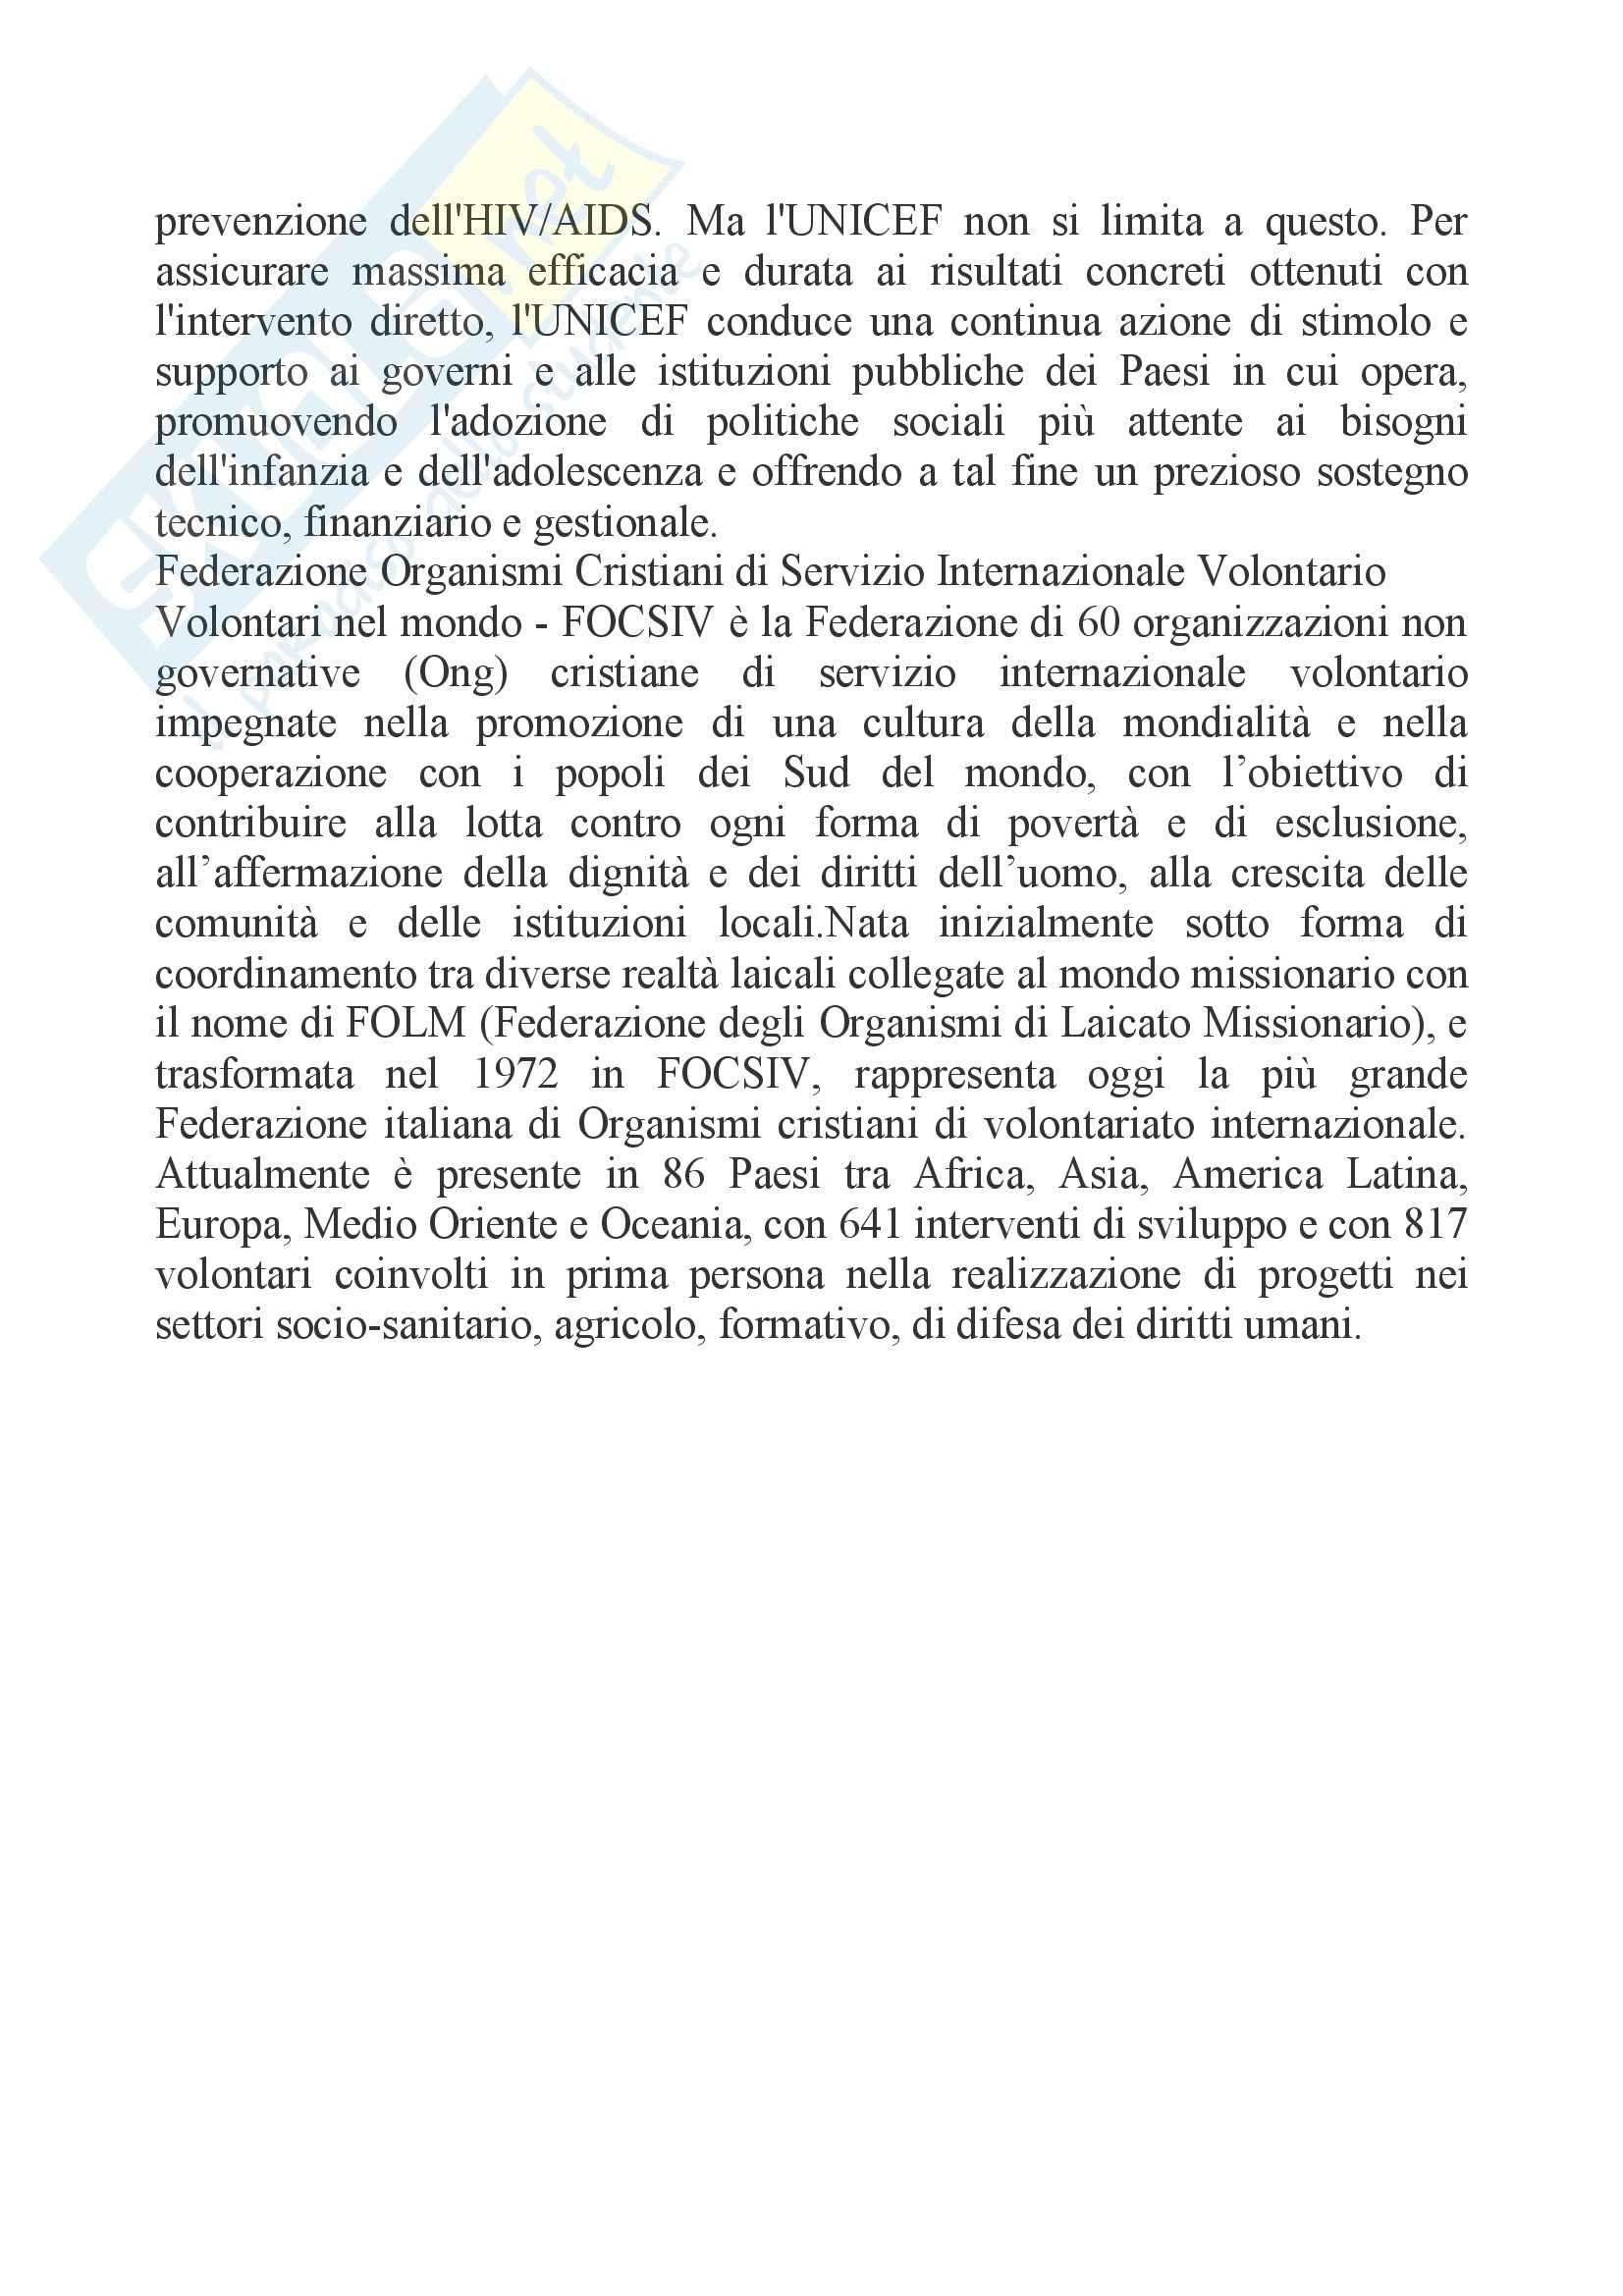 Economia politica - sfruttamento minorile - Tesina Pag. 21